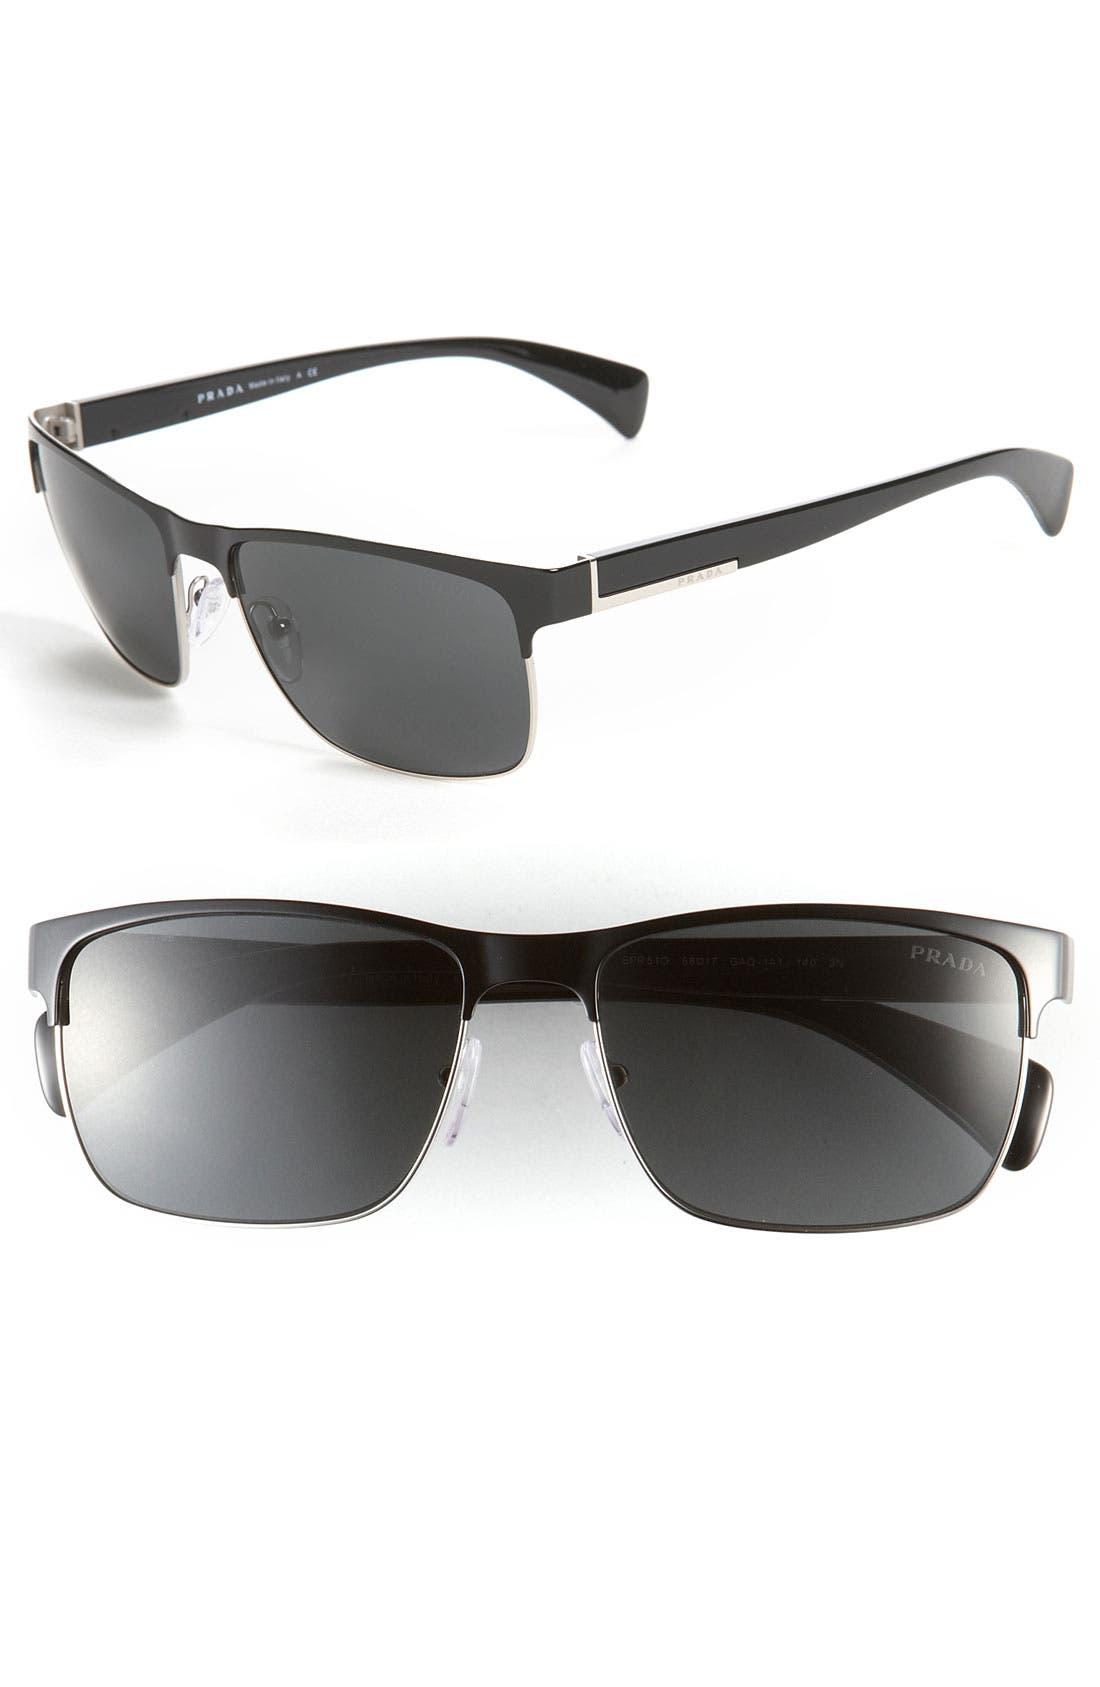 Alternate Image 1 Selected - Prada 58mm Sunglasses